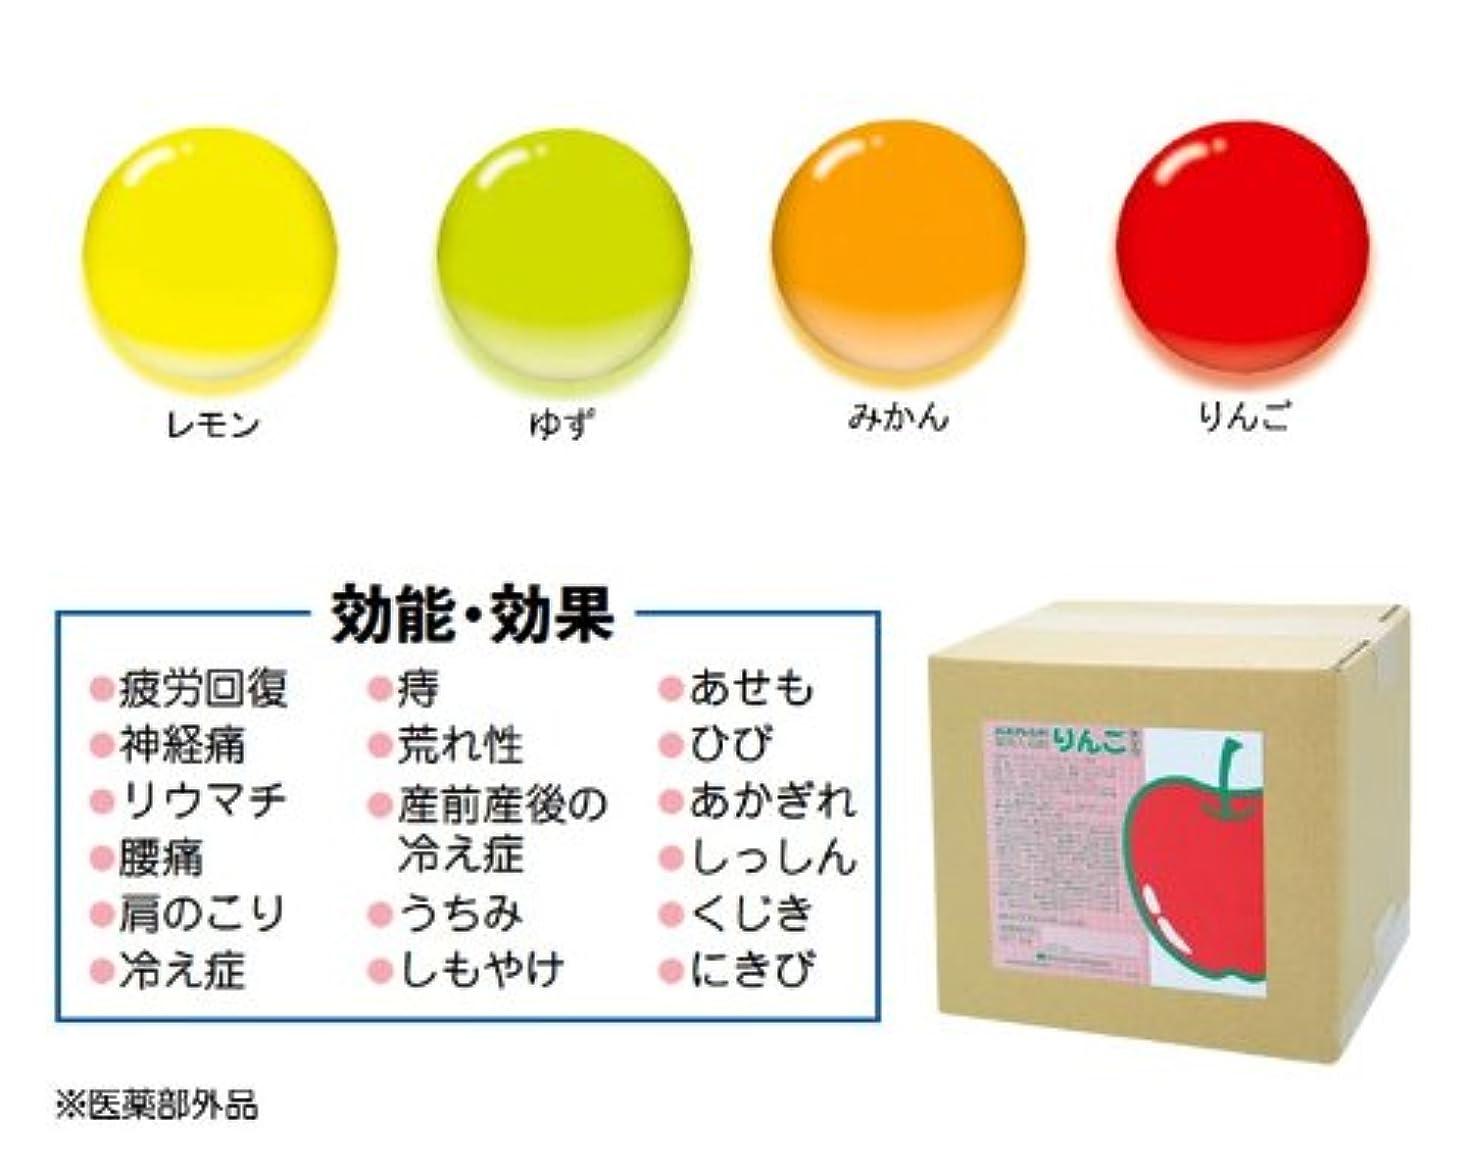 必要条件男性カップ薬用入浴剤バスフレンド(りんご?レモン?ゆず?みかん)5kg りんご